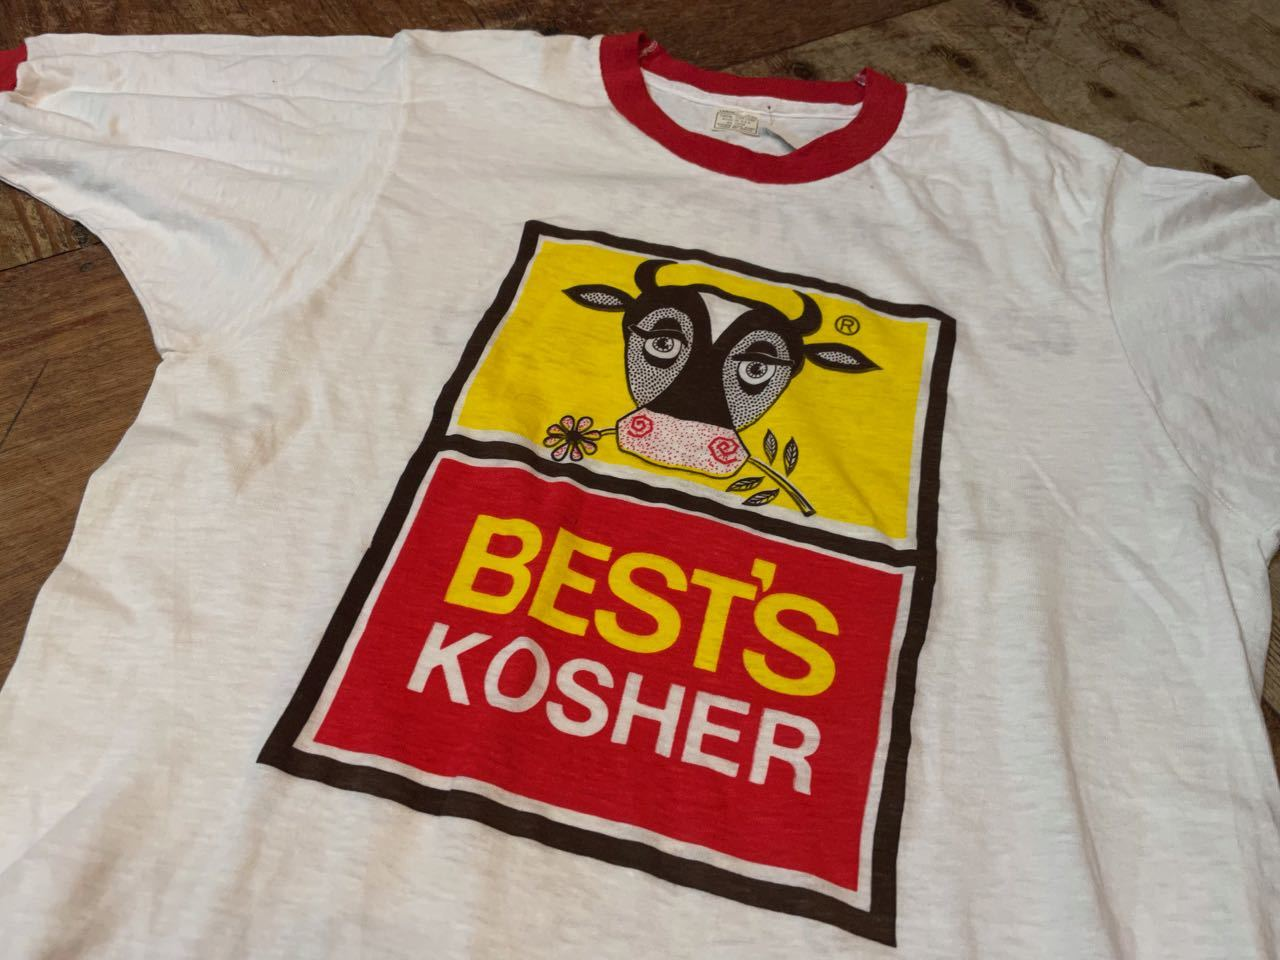 7月19日(月)入荷! デッドストック 70s all cotton  企業物 両面 染み込みプリント ビンテージ リンガーTシャツ!_c0144020_13382839.jpg